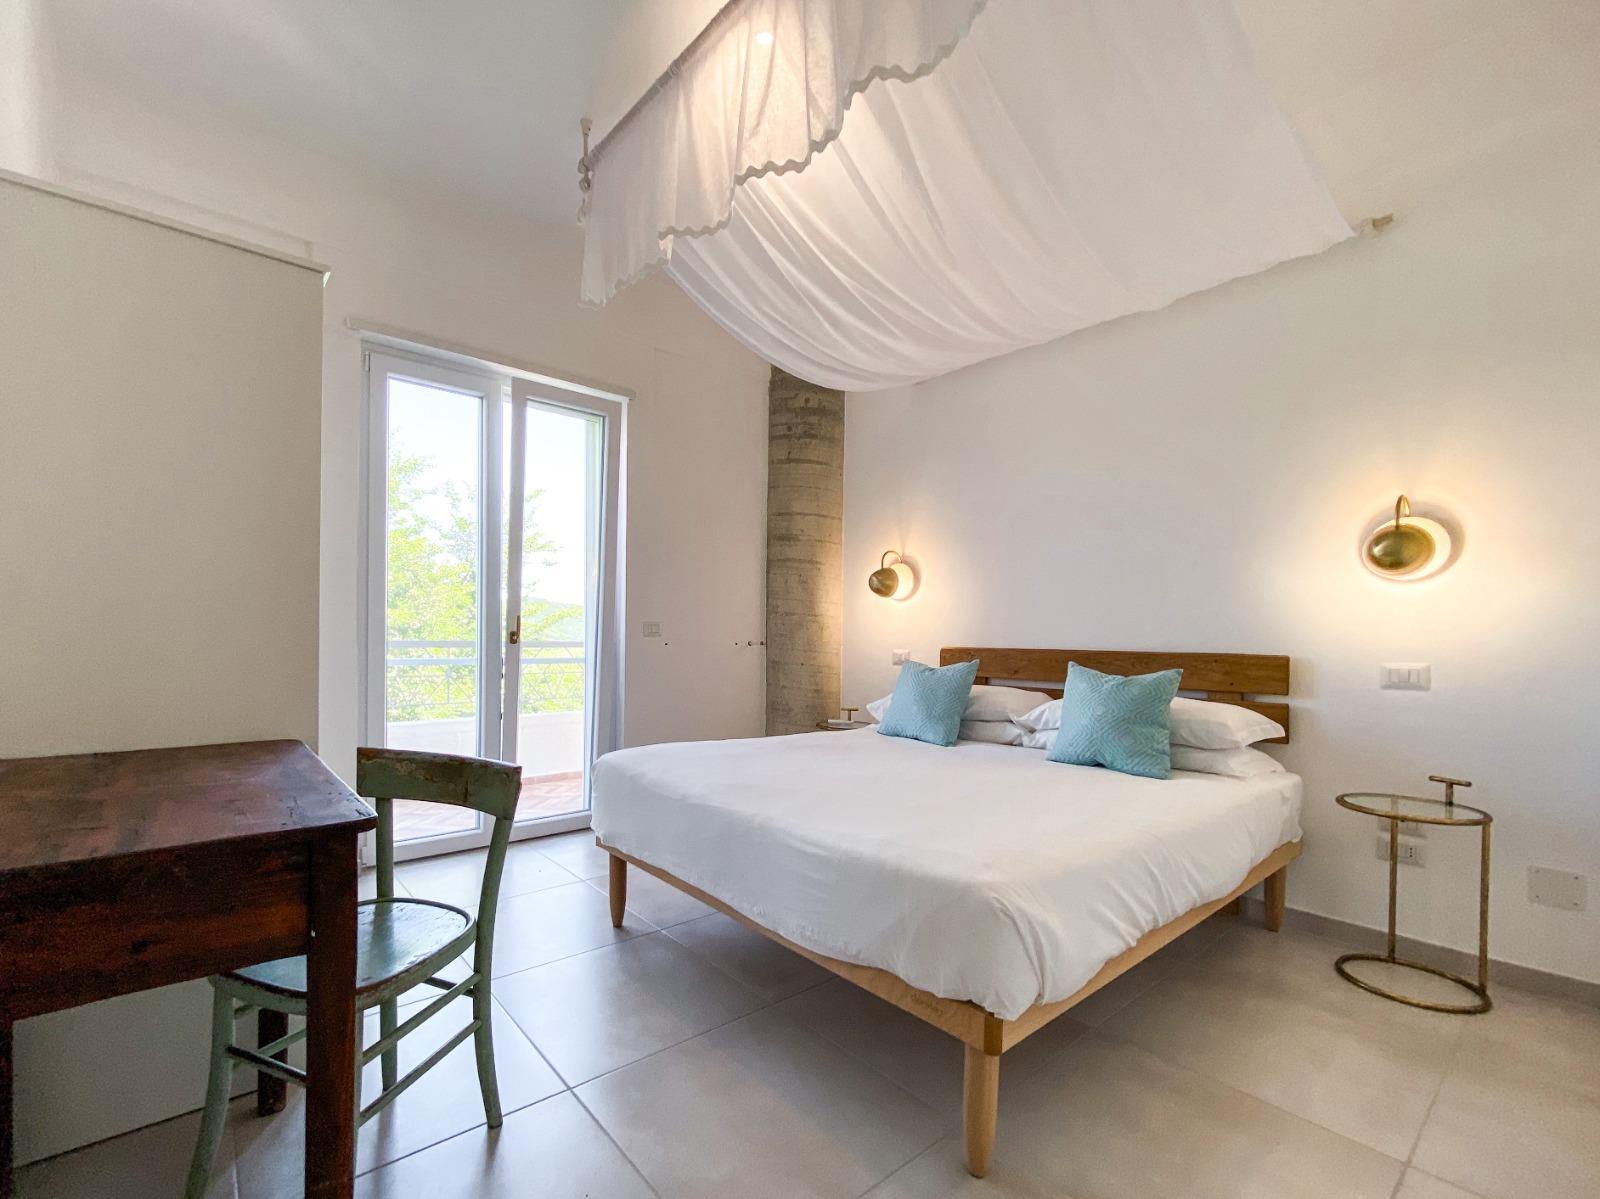 tenuta-normanni-foresteria-suites-medium2